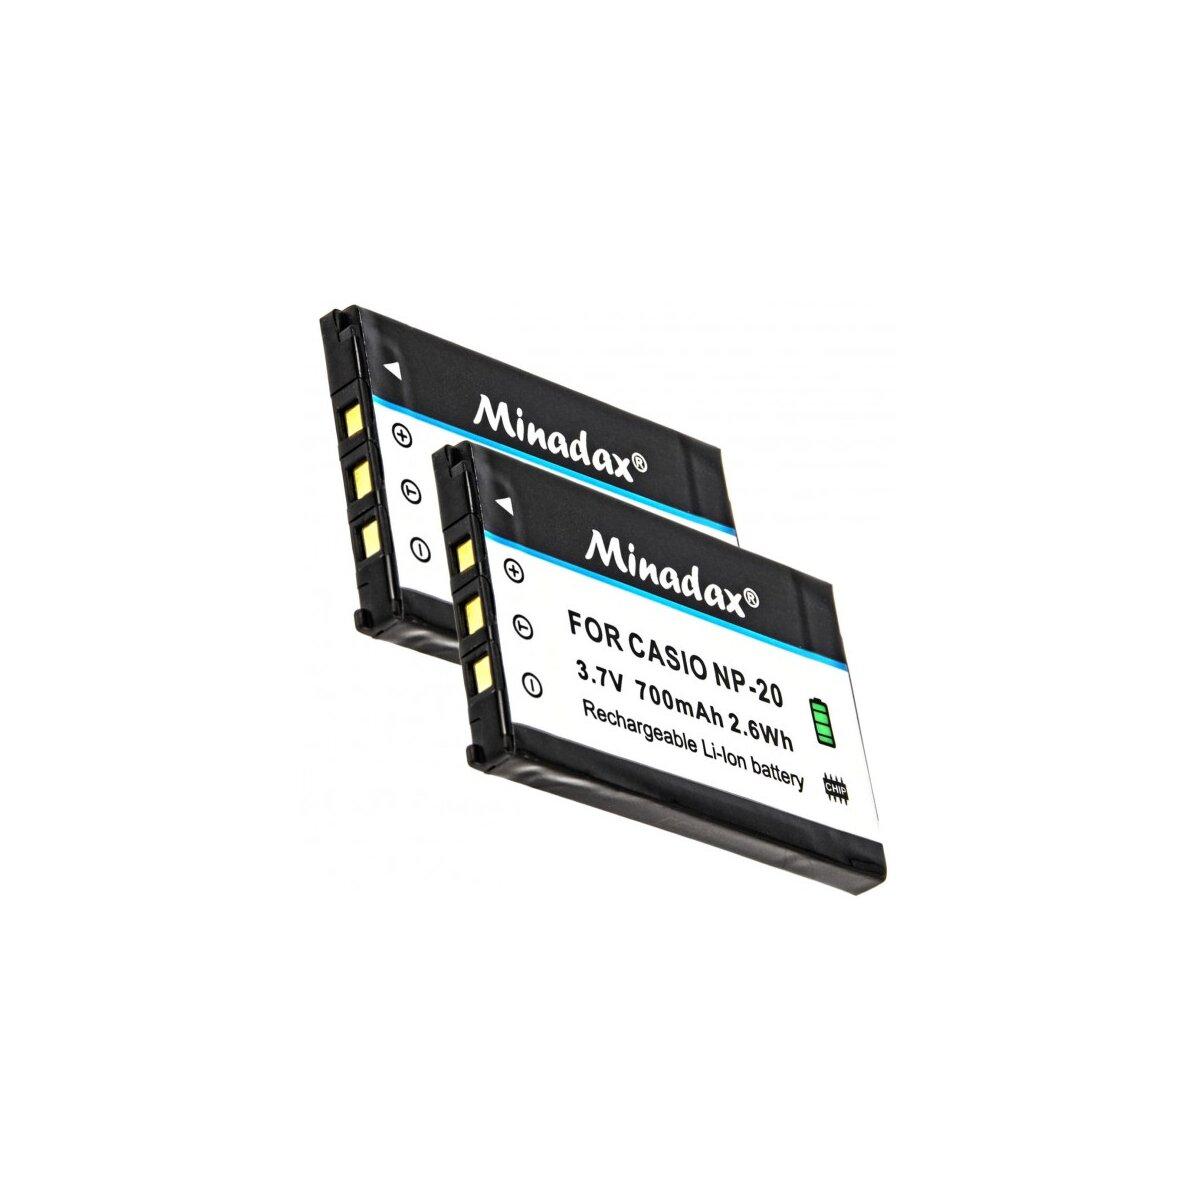 2x Minadax Qualitätsakku mit echten 750 mAh kompatibel für FujiFilm Finepix XF1 X20 X10 F900EXR F850EXR F800EXR F770EXR F750EXR F660EXR F600EXR F550EXR F500EXR  XP200 XP150 XP100 Ersatz für NP-50